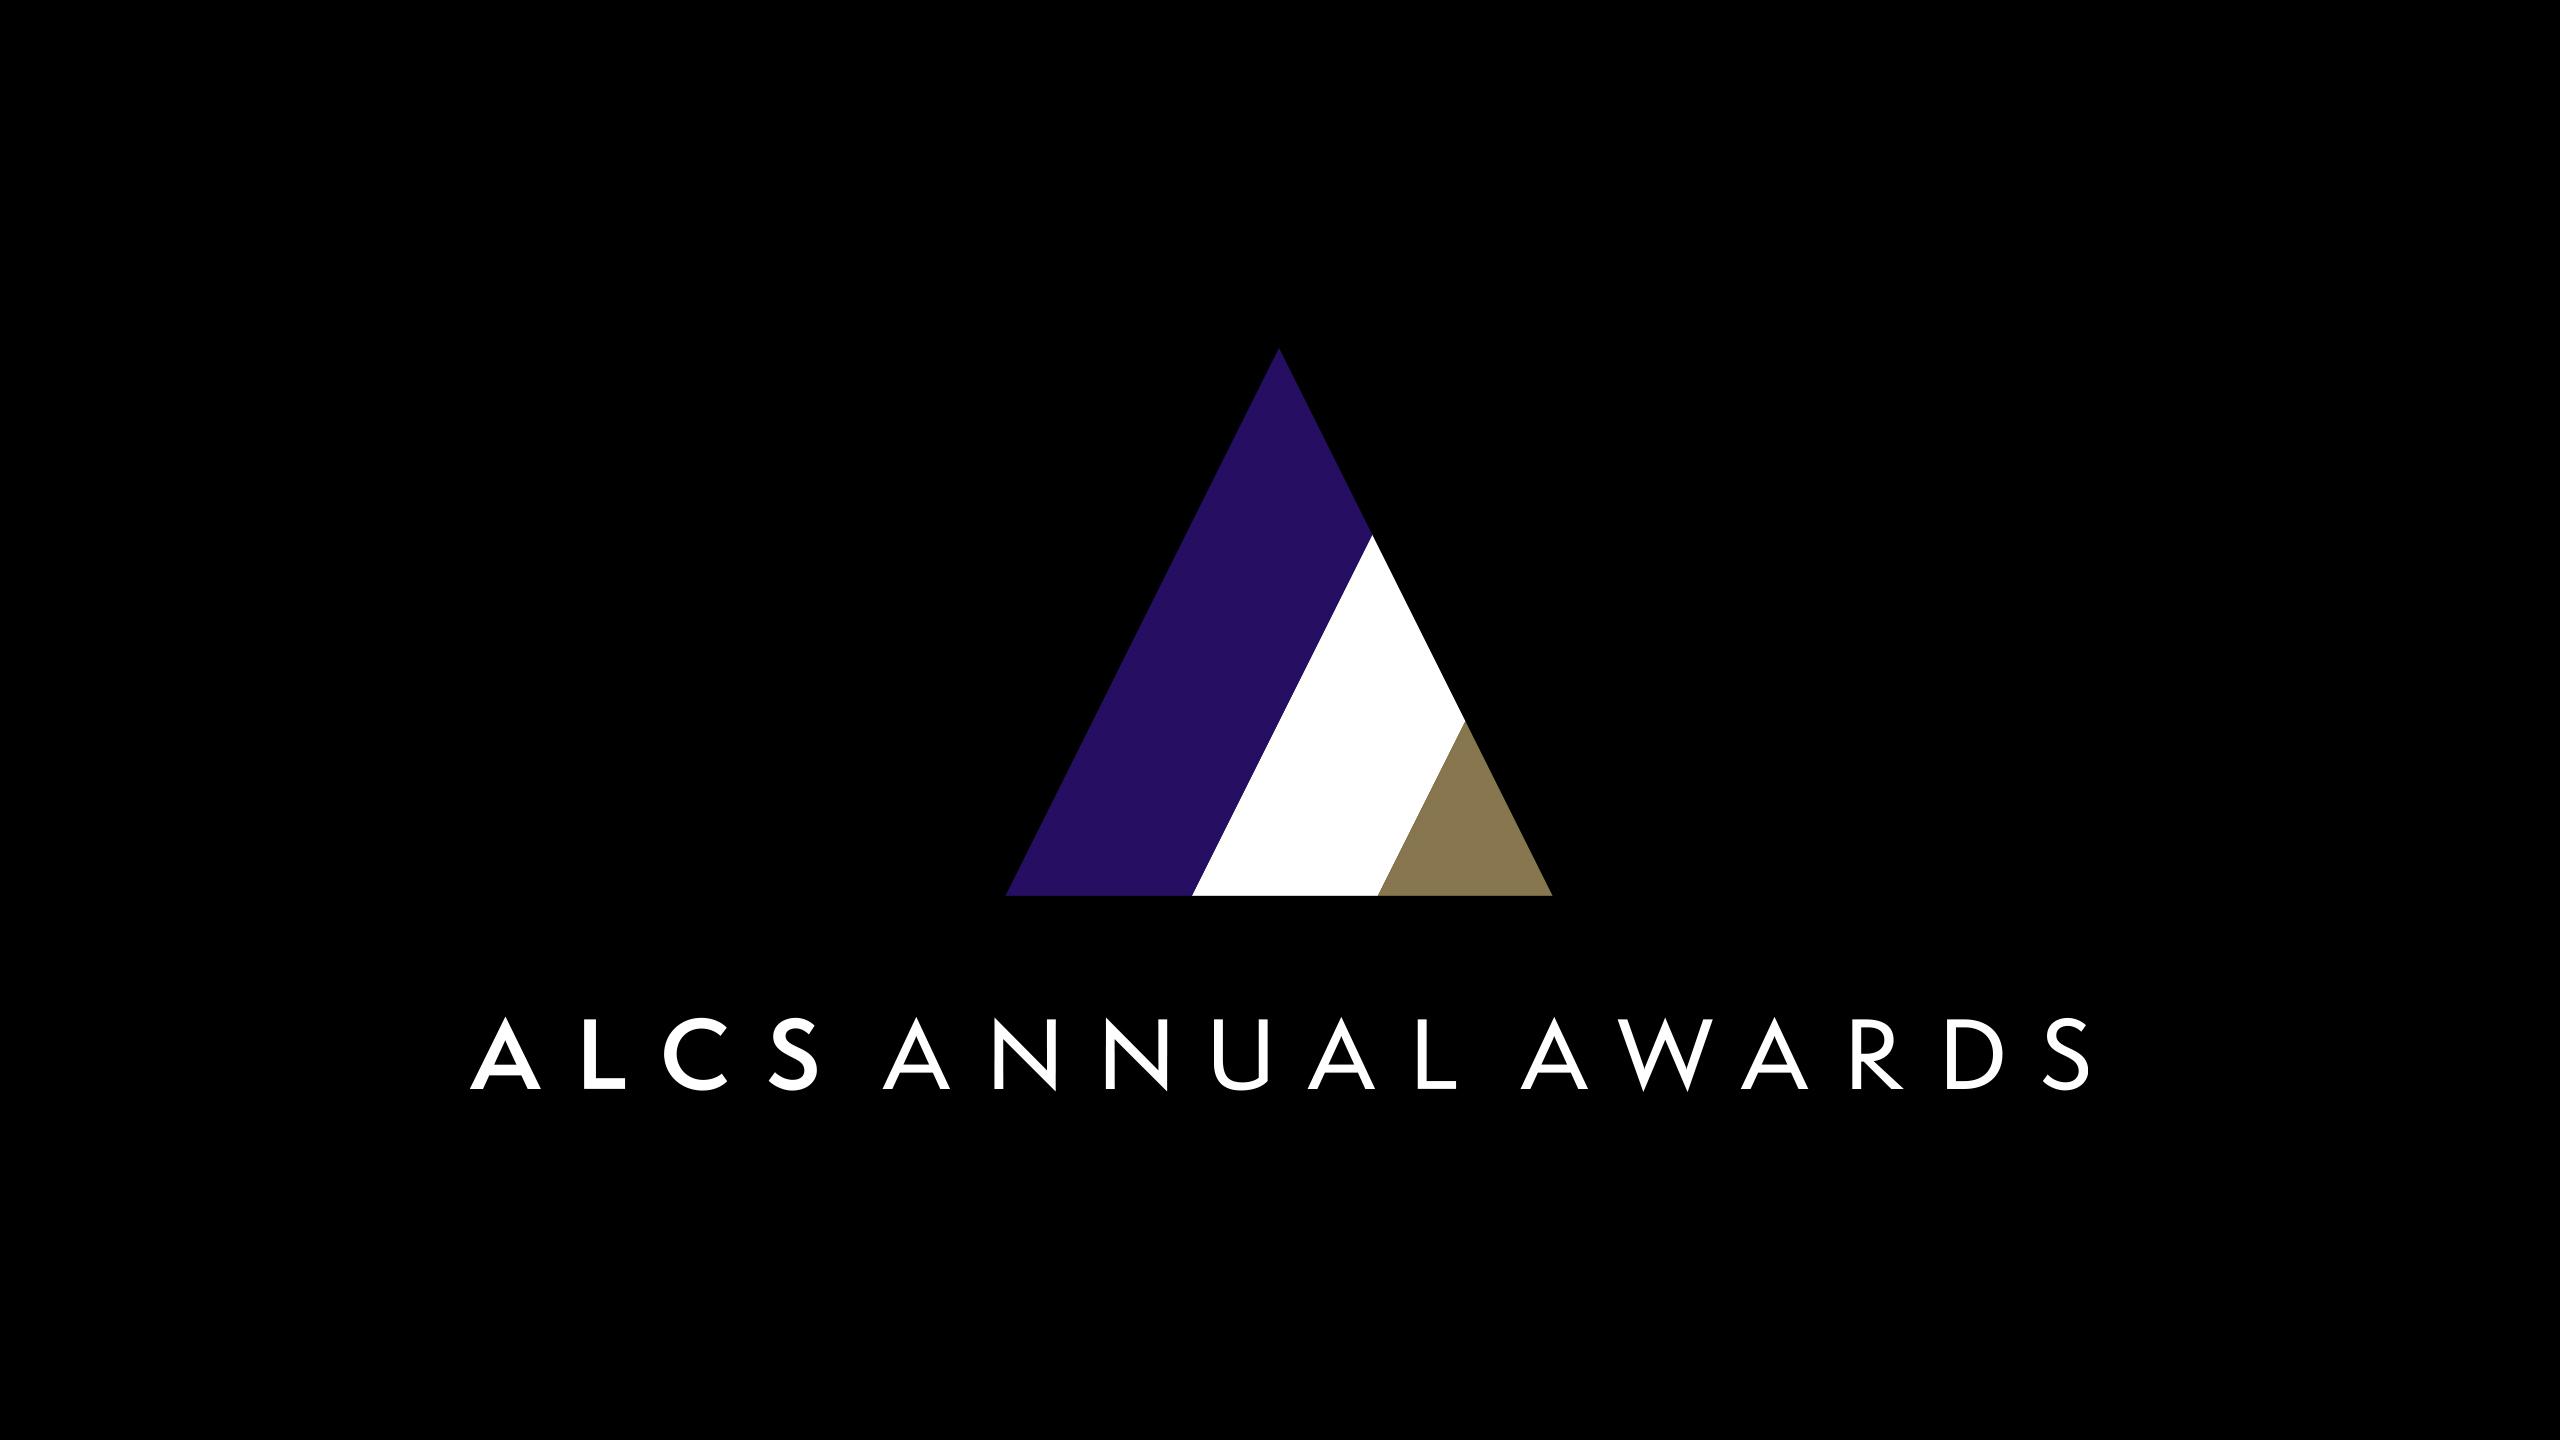 Awards Visual Identity